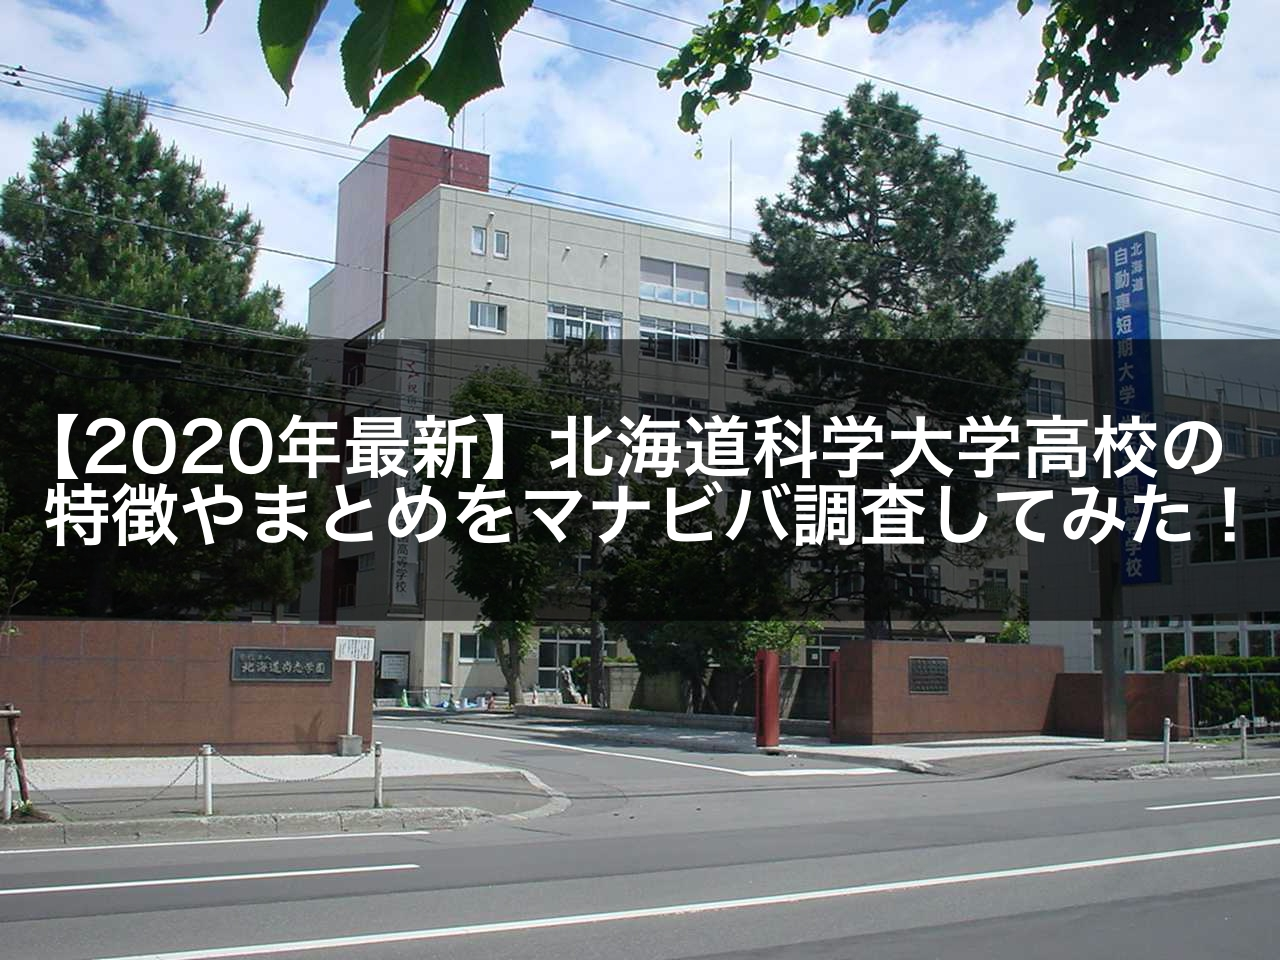 【2020年最新】北海道科学大学高校の特徴やまとめをマナビバ調査してみた!